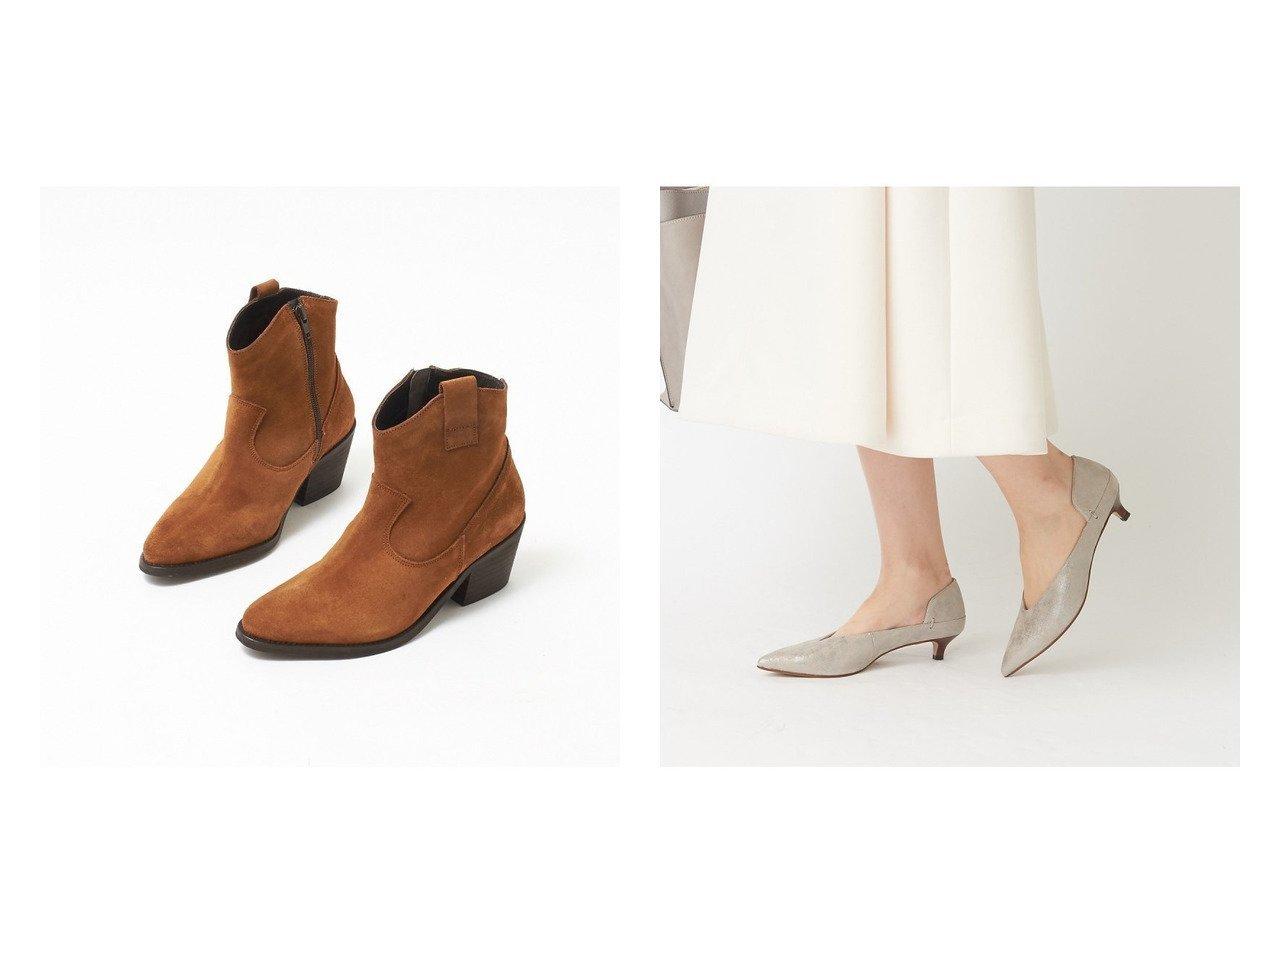 【Au BANNISTER/オゥ バニスター】のELDER カッティングパンプス&【collex/コレックス】の【ティシモ】ウエスタンショートブーツ シューズ・靴のおすすめ!人気、トレンド・レディースファッションの通販  おすすめで人気の流行・トレンド、ファッションの通販商品 メンズファッション・キッズファッション・インテリア・家具・レディースファッション・服の通販 founy(ファニー) https://founy.com/ ファッション Fashion レディースファッション WOMEN アーモンドトゥ シューズ ショート ドレス バランス フェミニン カッティング |ID:crp329100000019272